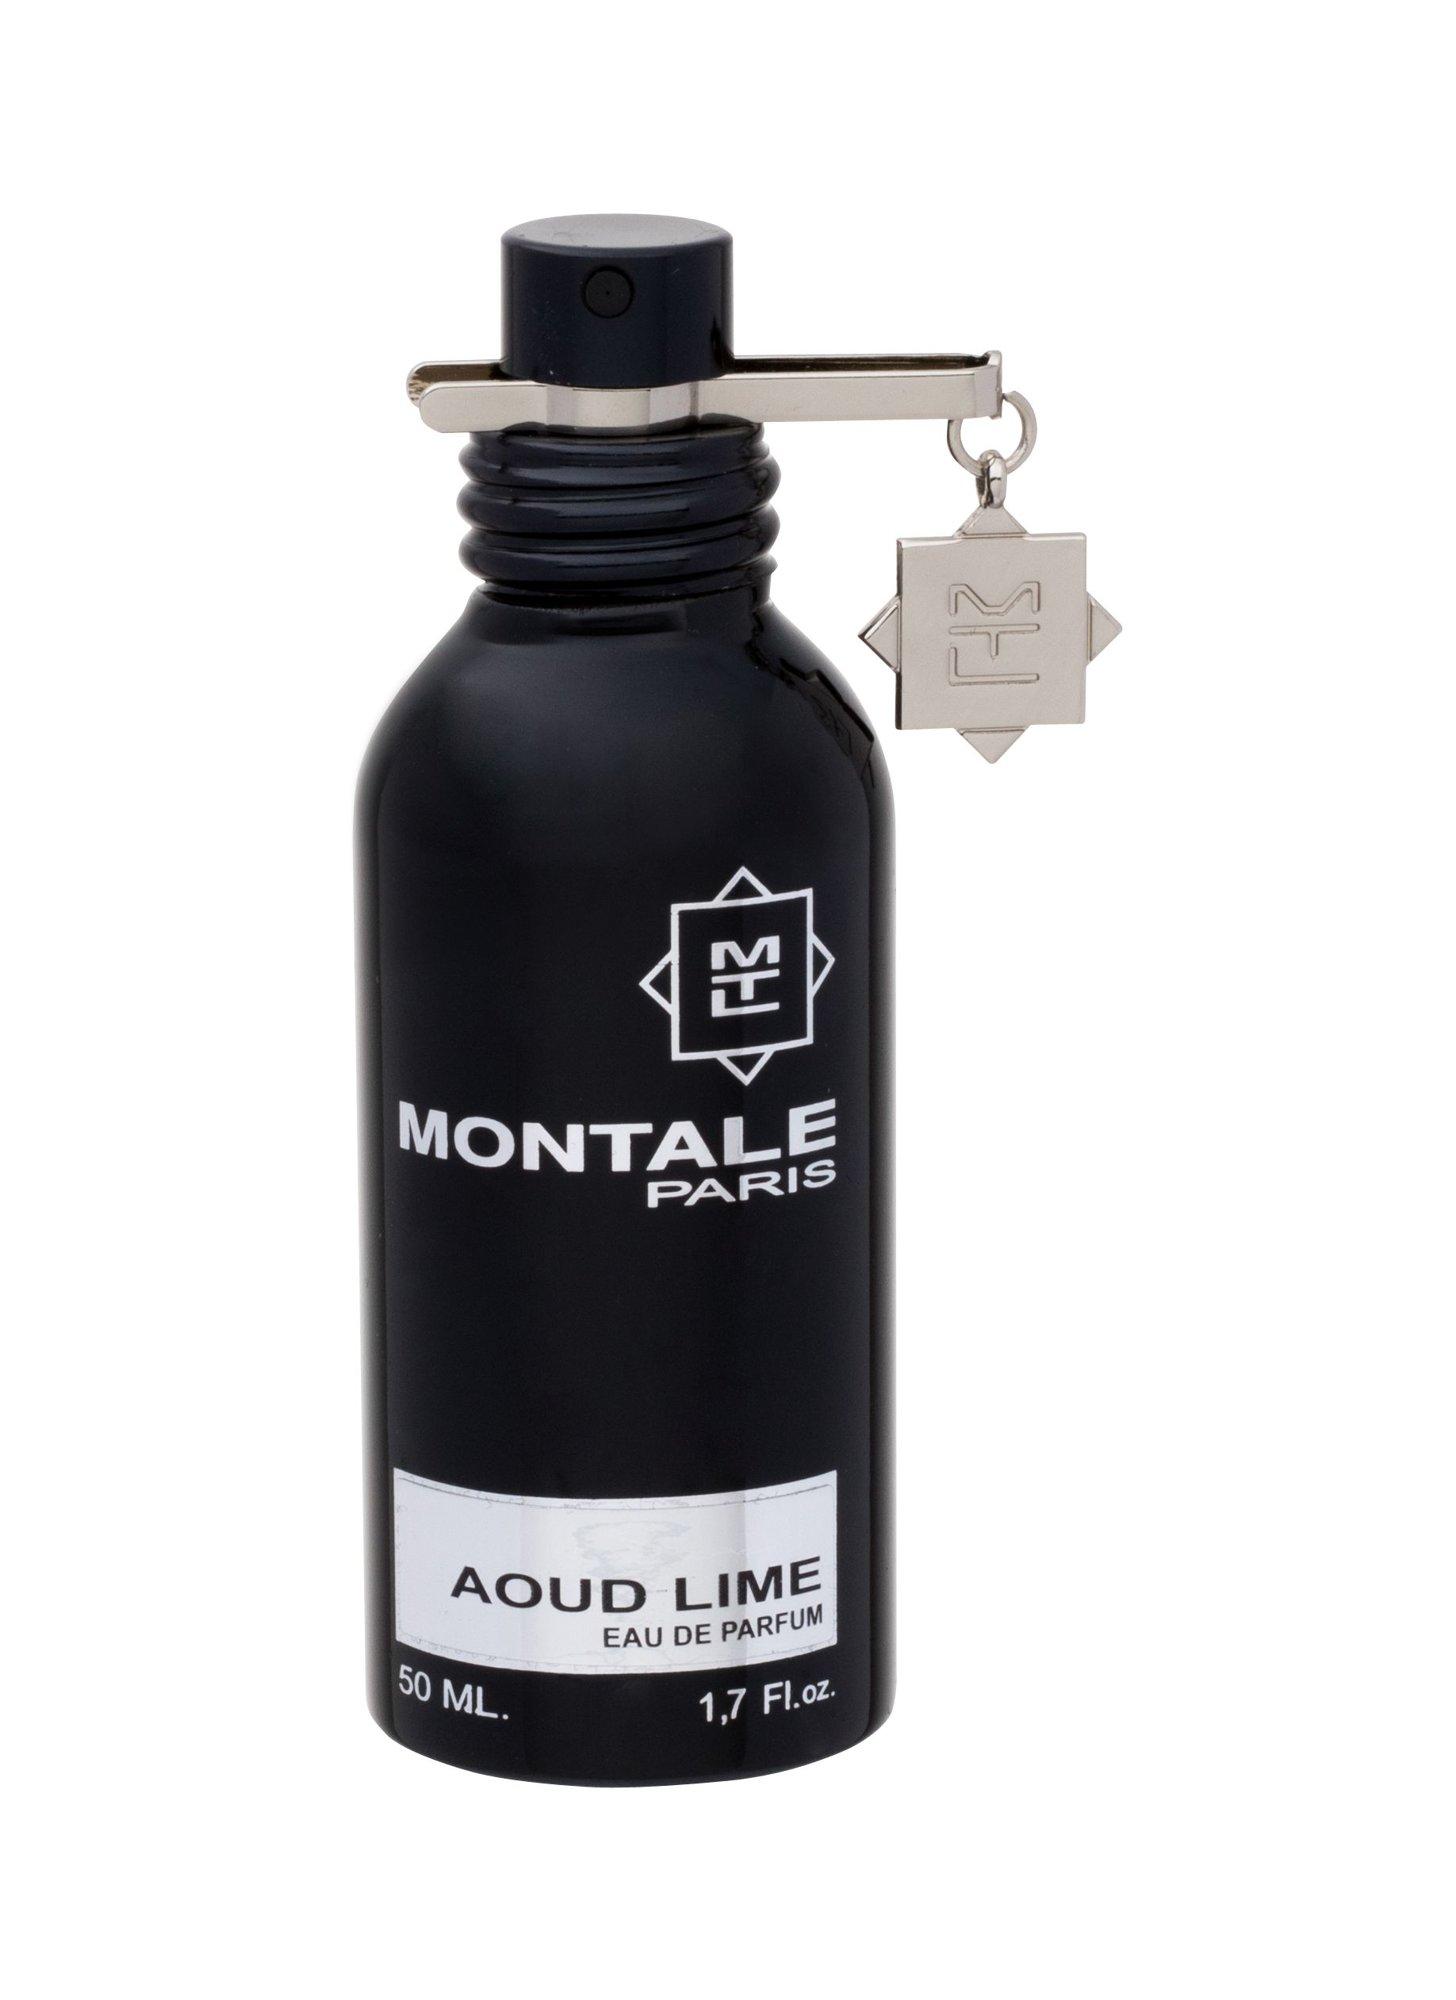 Montale Paris Aoud Lime EDP 50ml